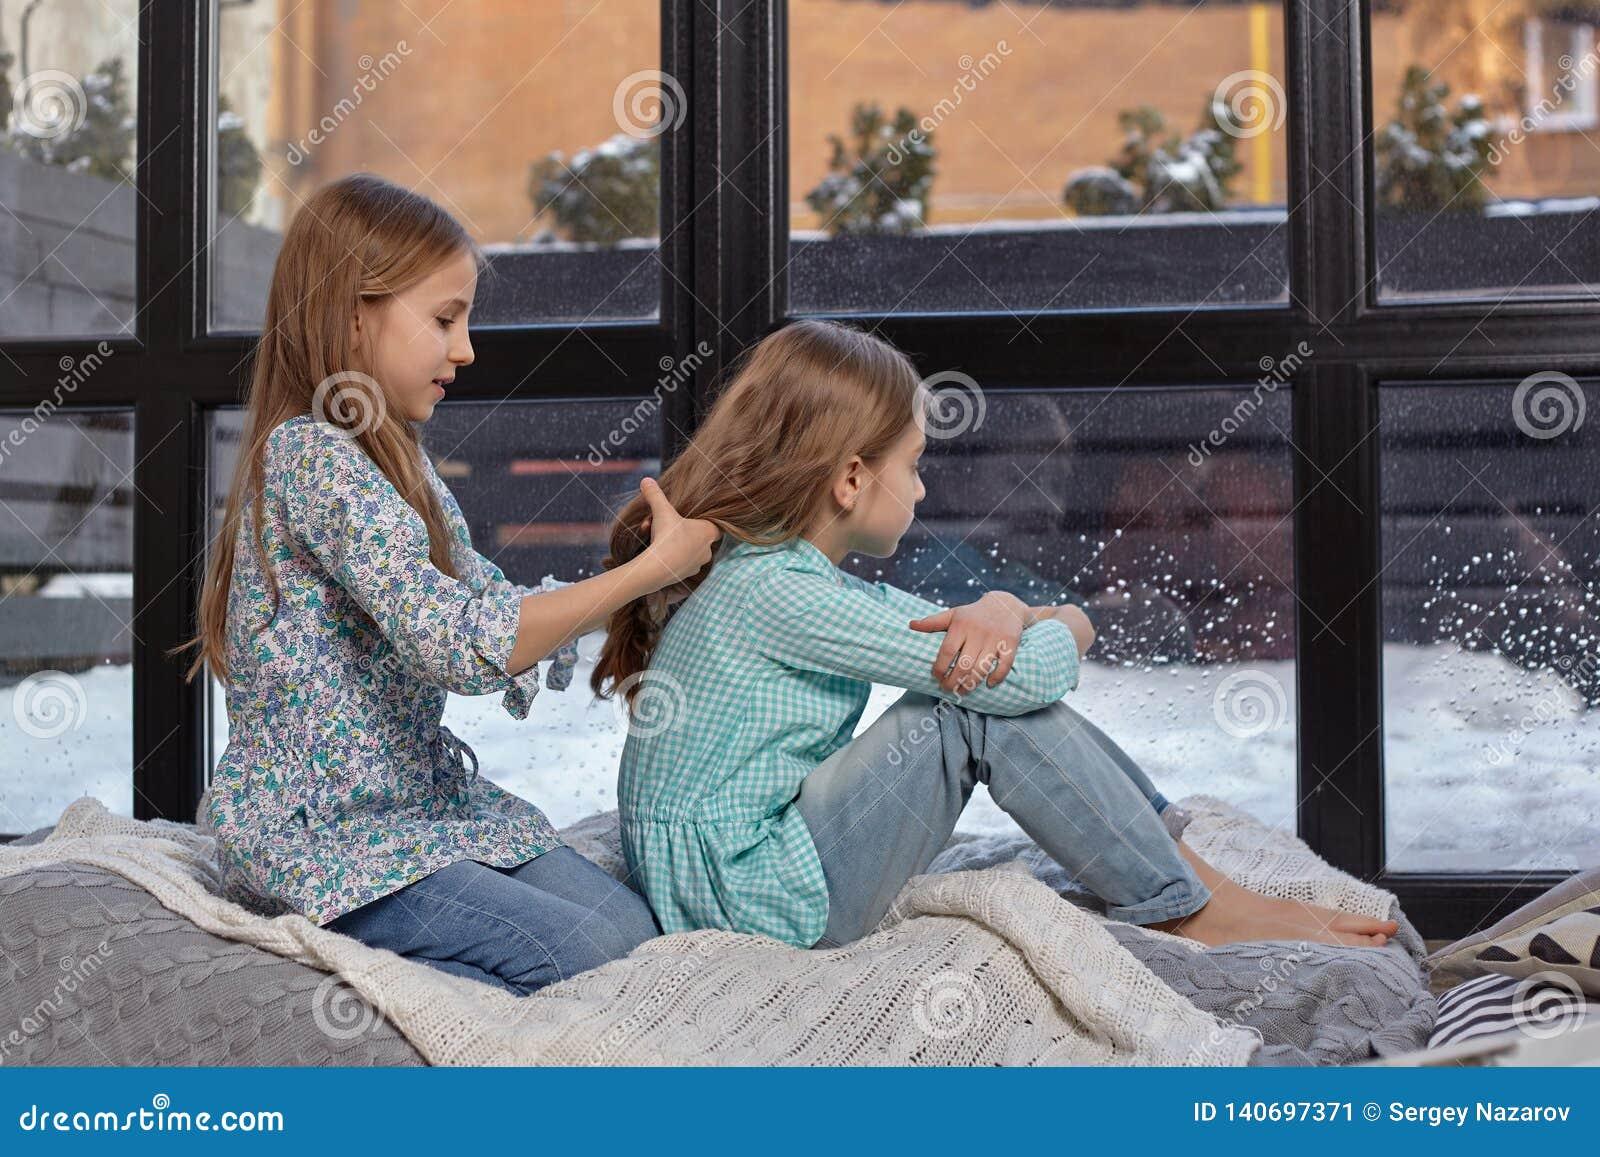 安静两个逗人喜爱的妹的图象坐在和平的窗台和